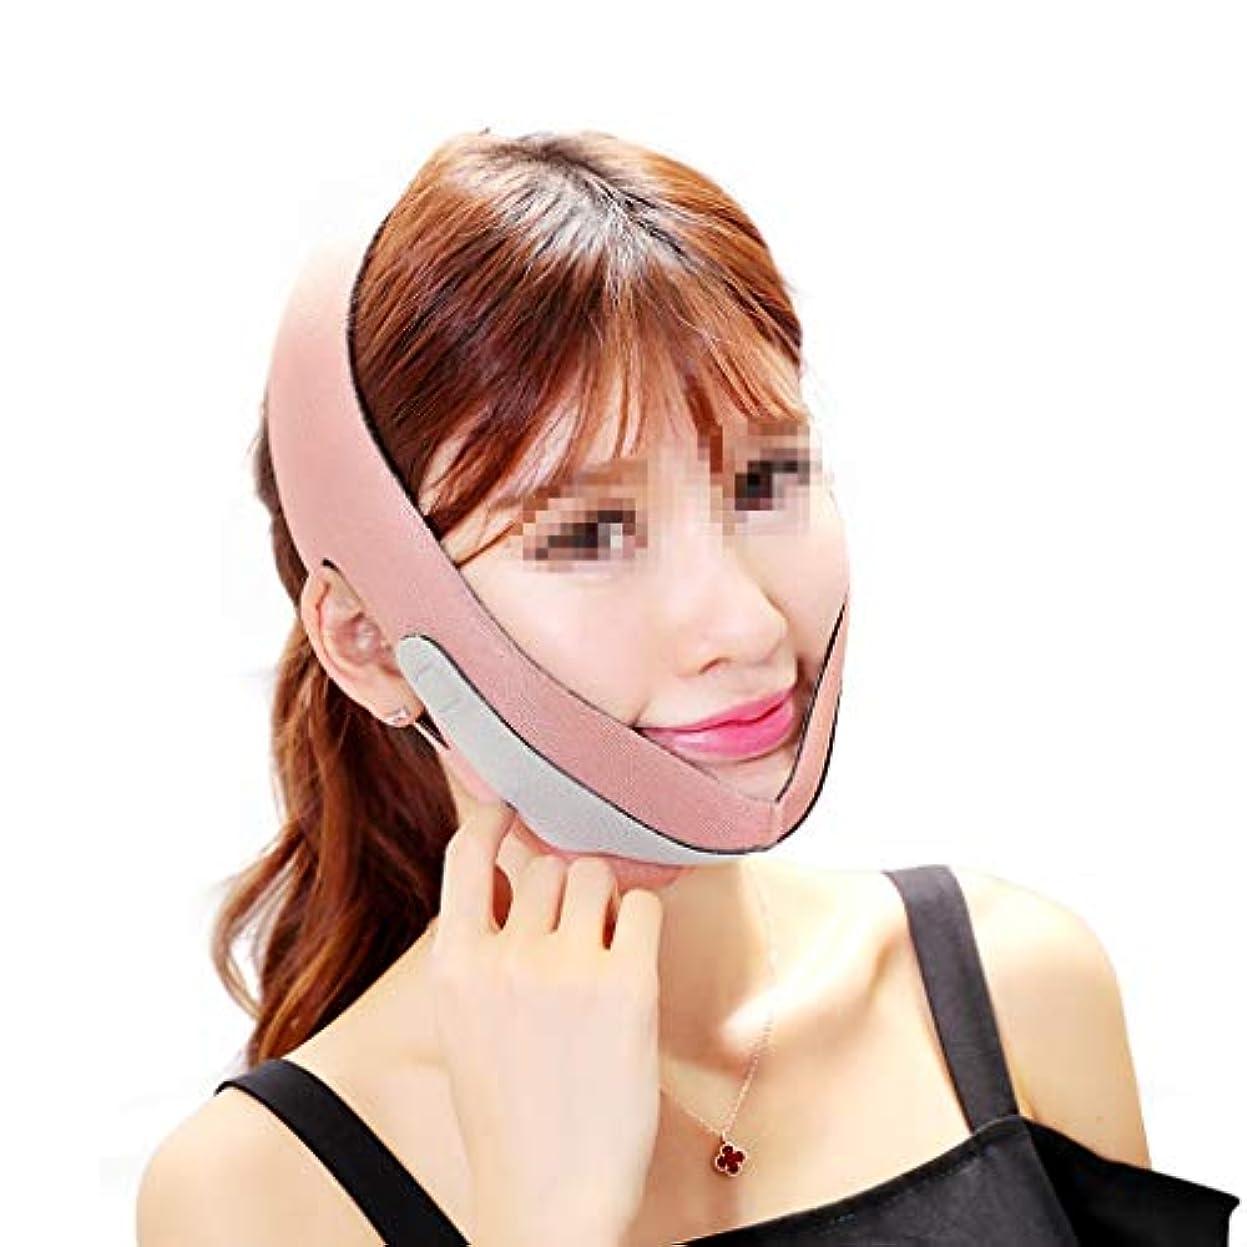 中傷パーツ取得フェイスリフトマスク、小さなVフェイス睡眠包帯マスクシンダブルチンリフト引き締め肌